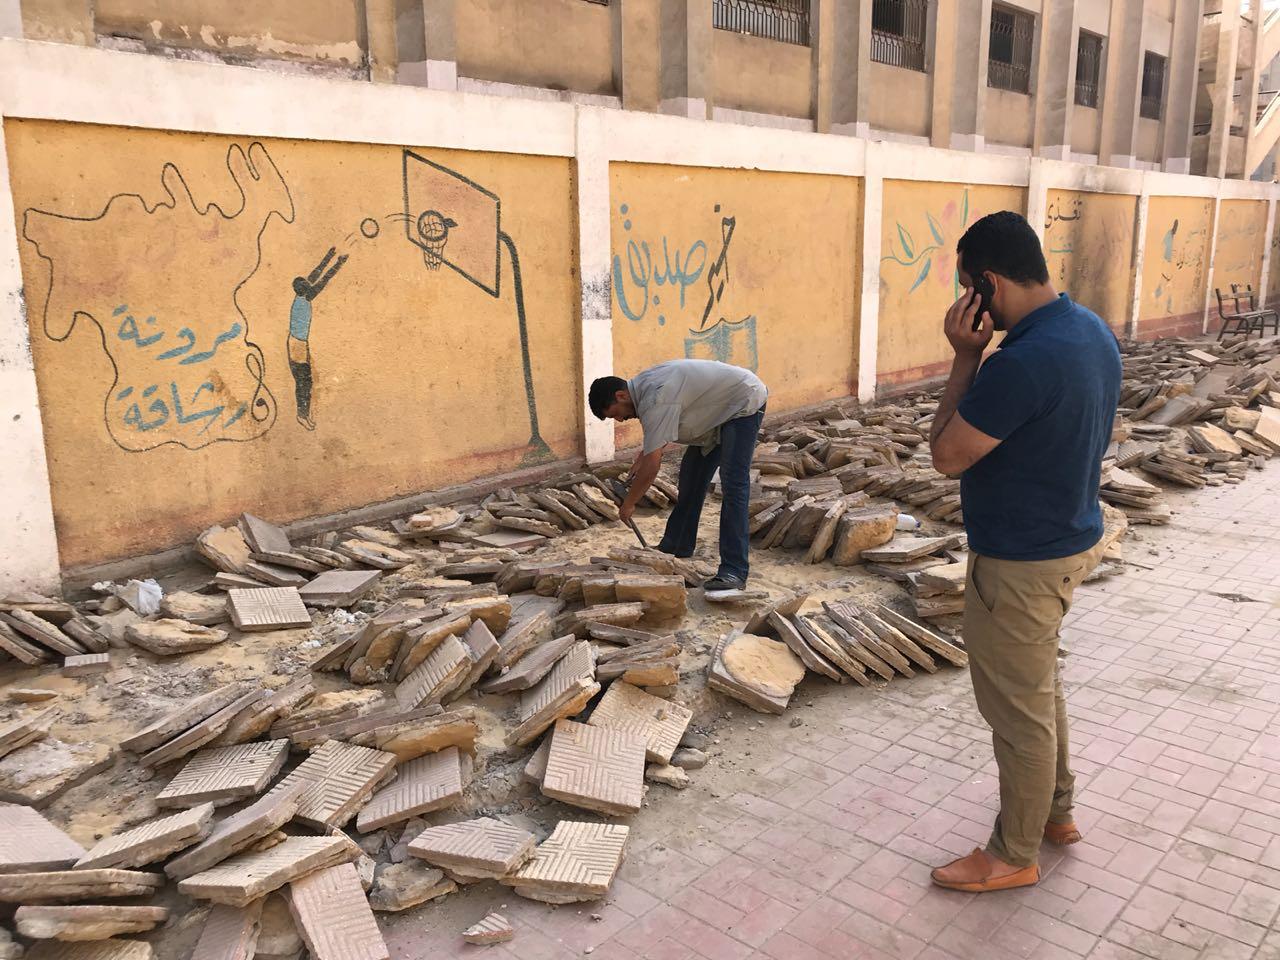 النائب أحمد على يتابع عملية تجهيز ملعب المدرسة